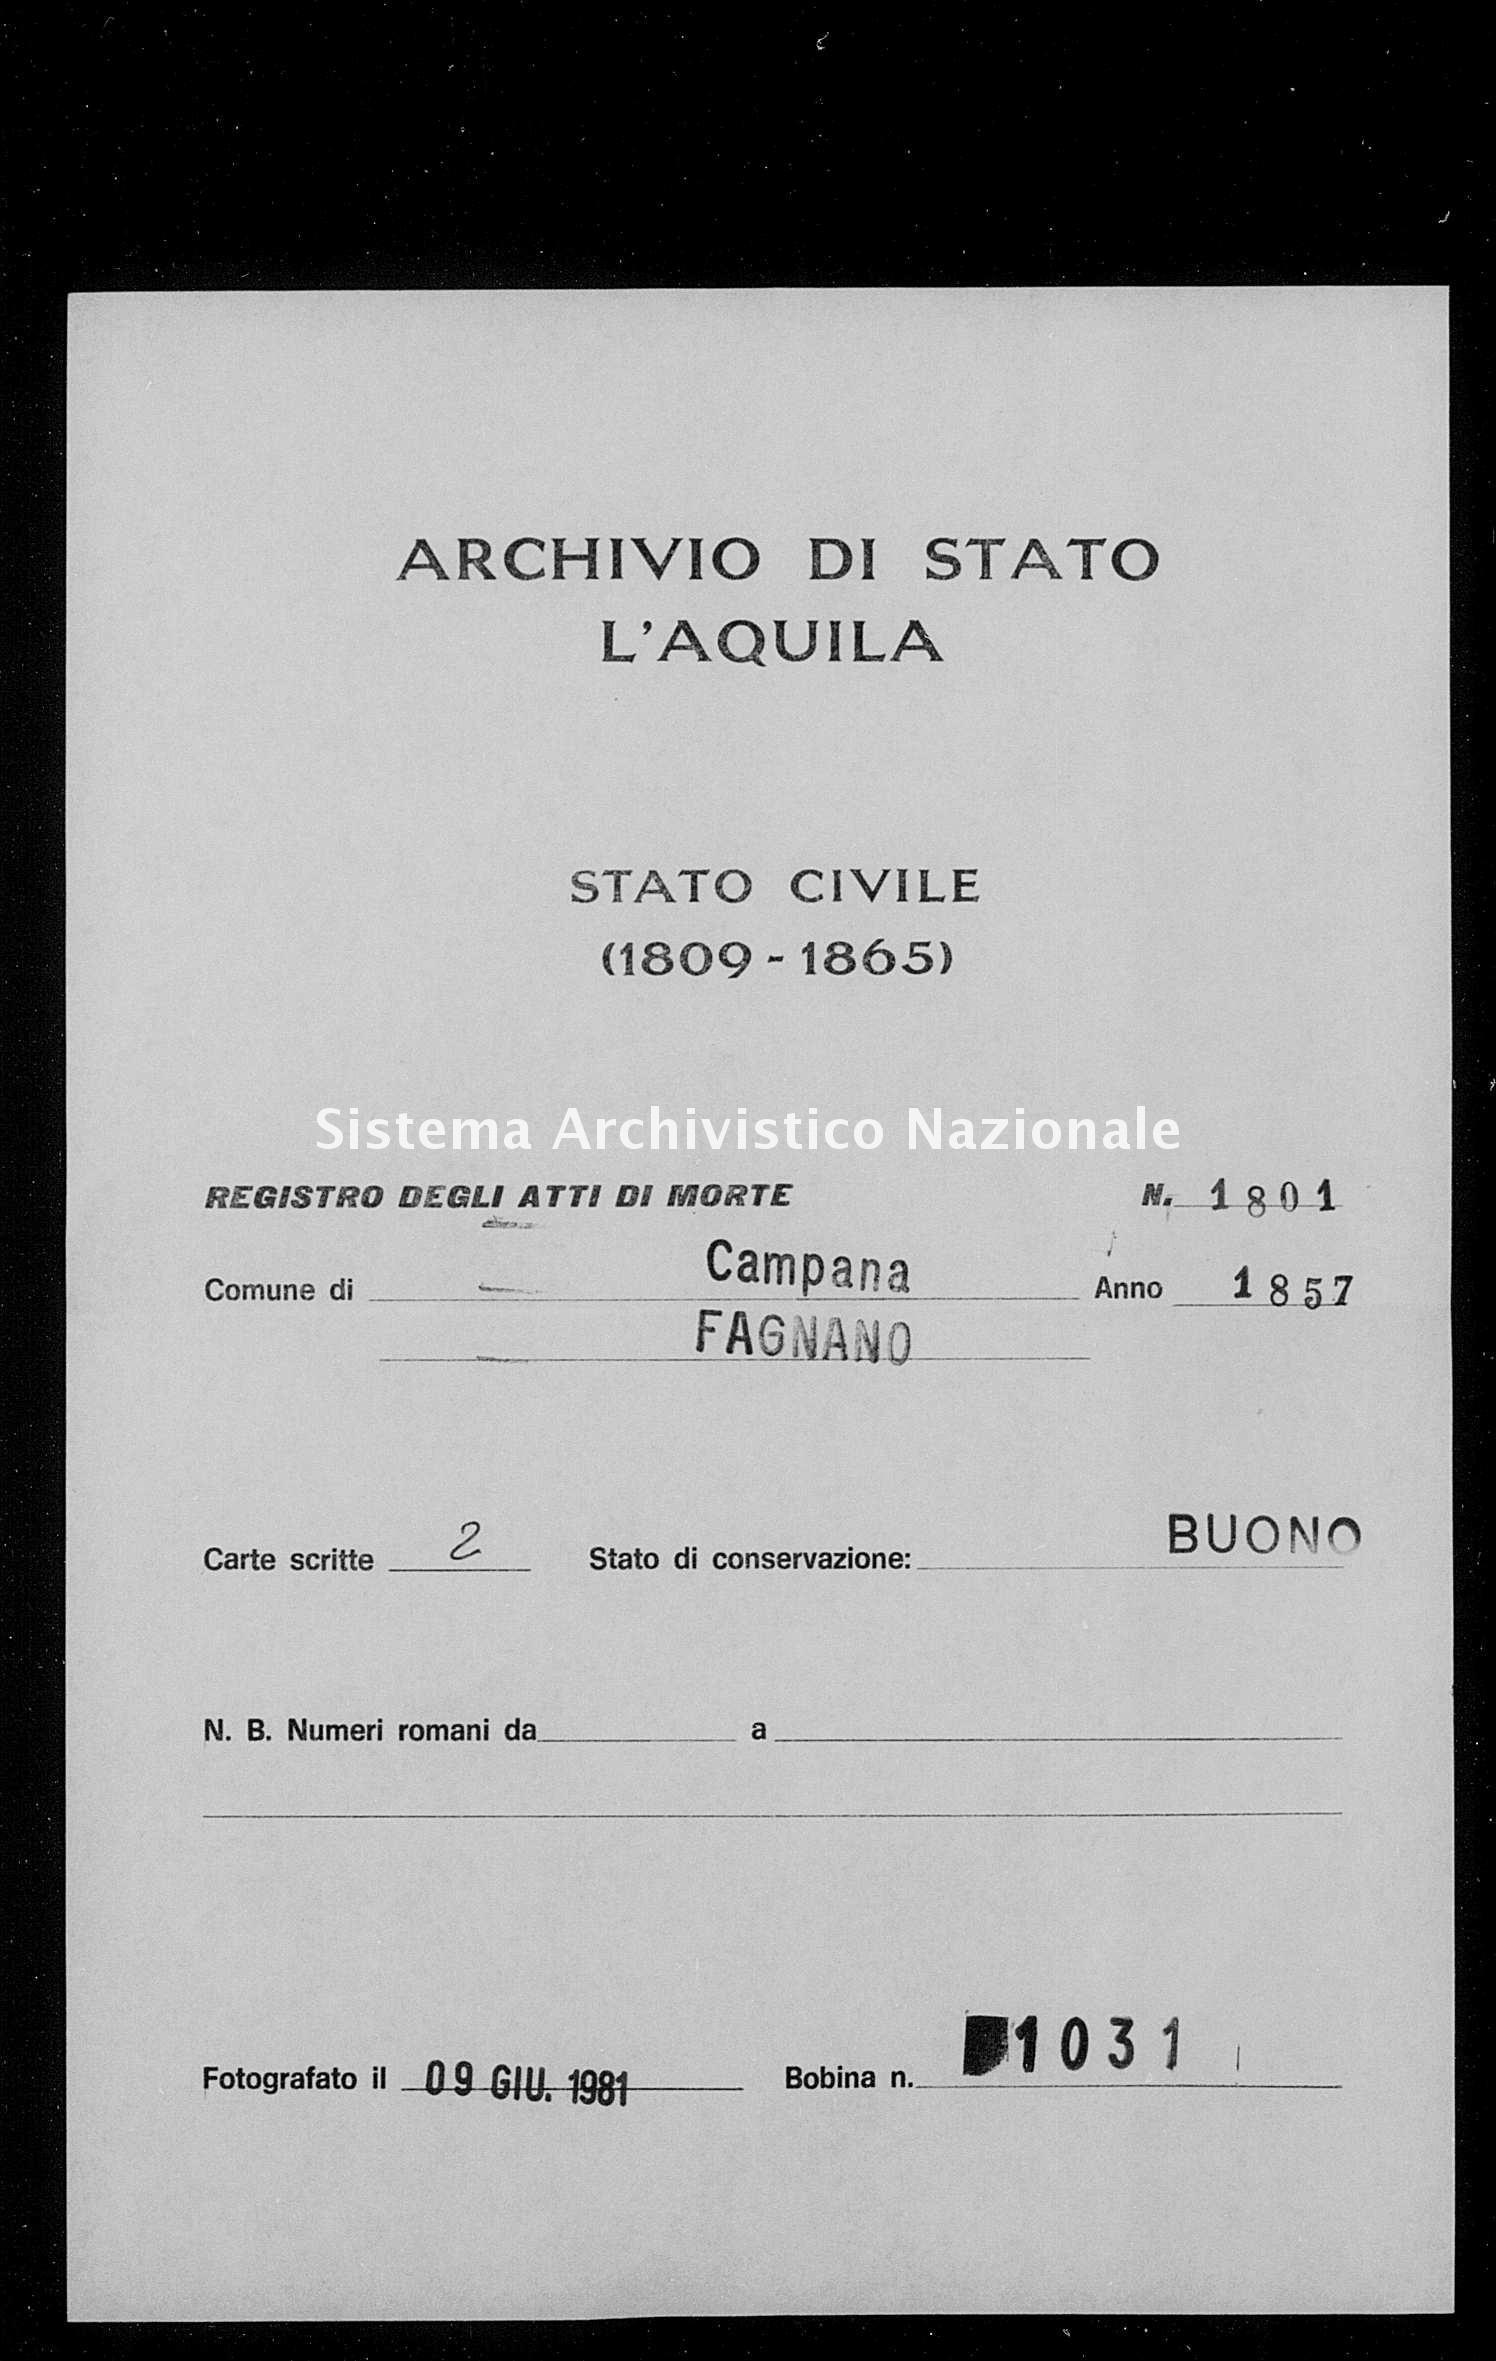 Archivio di stato di L'aquila - Stato civile della restaurazione - Campana - Morti - 1857 - 1801 -